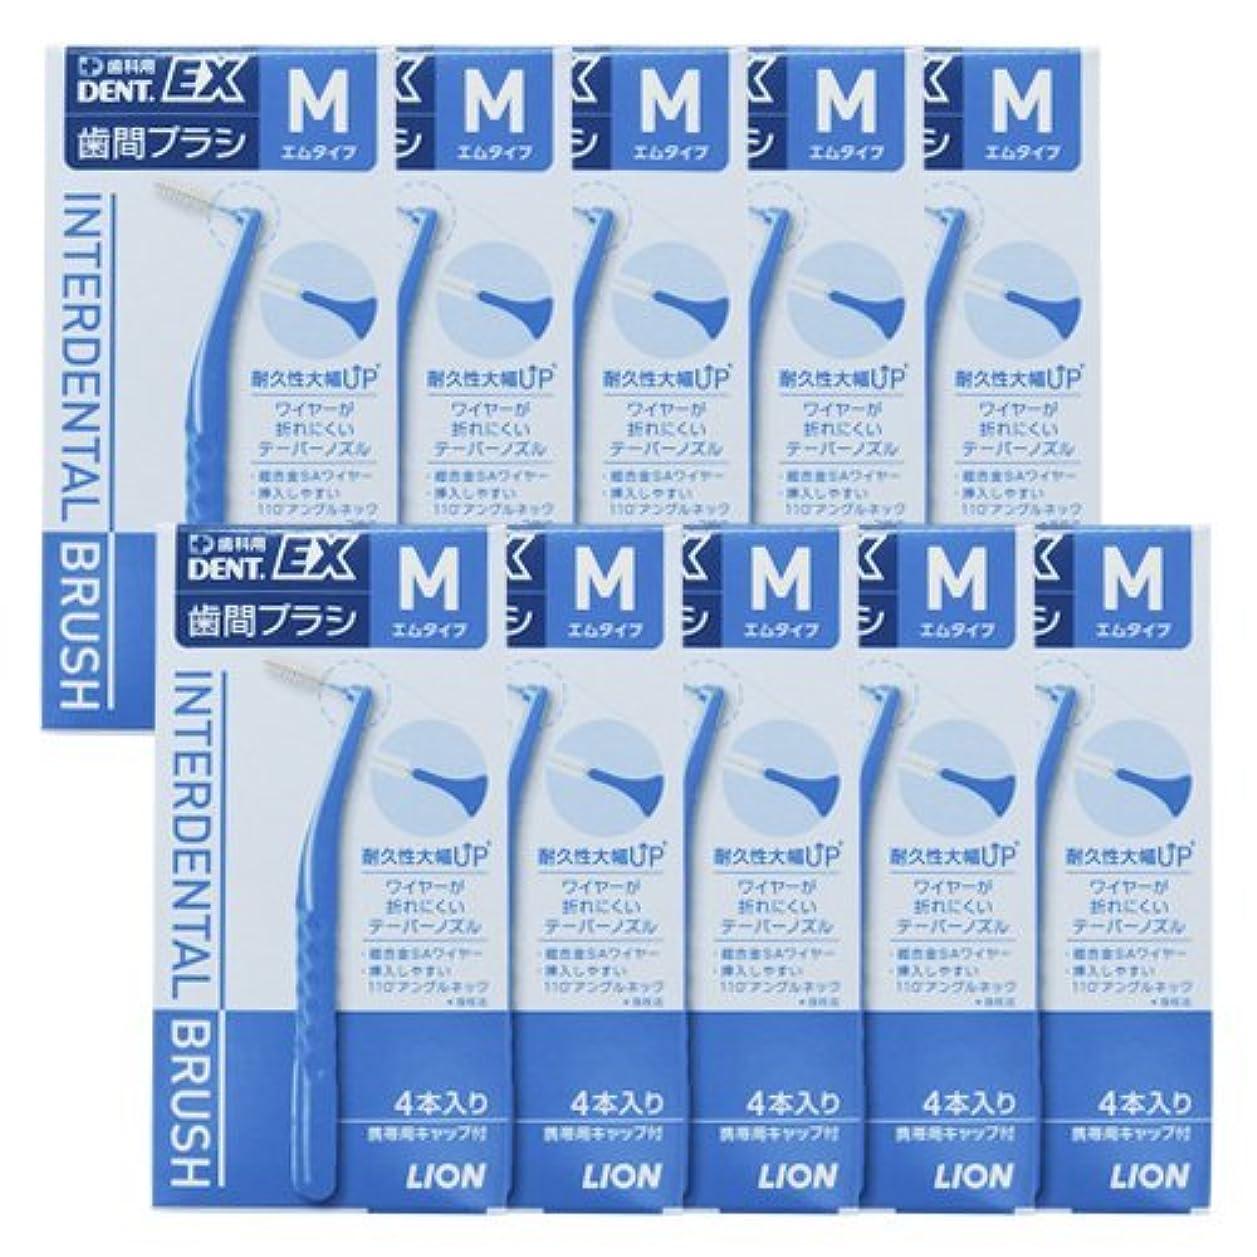 薬局荒れ地ひまわりライオン(LION) デント EX 歯間ブラシ M (LION DENT. EX 歯間ブラシ) 10箱 40本セット